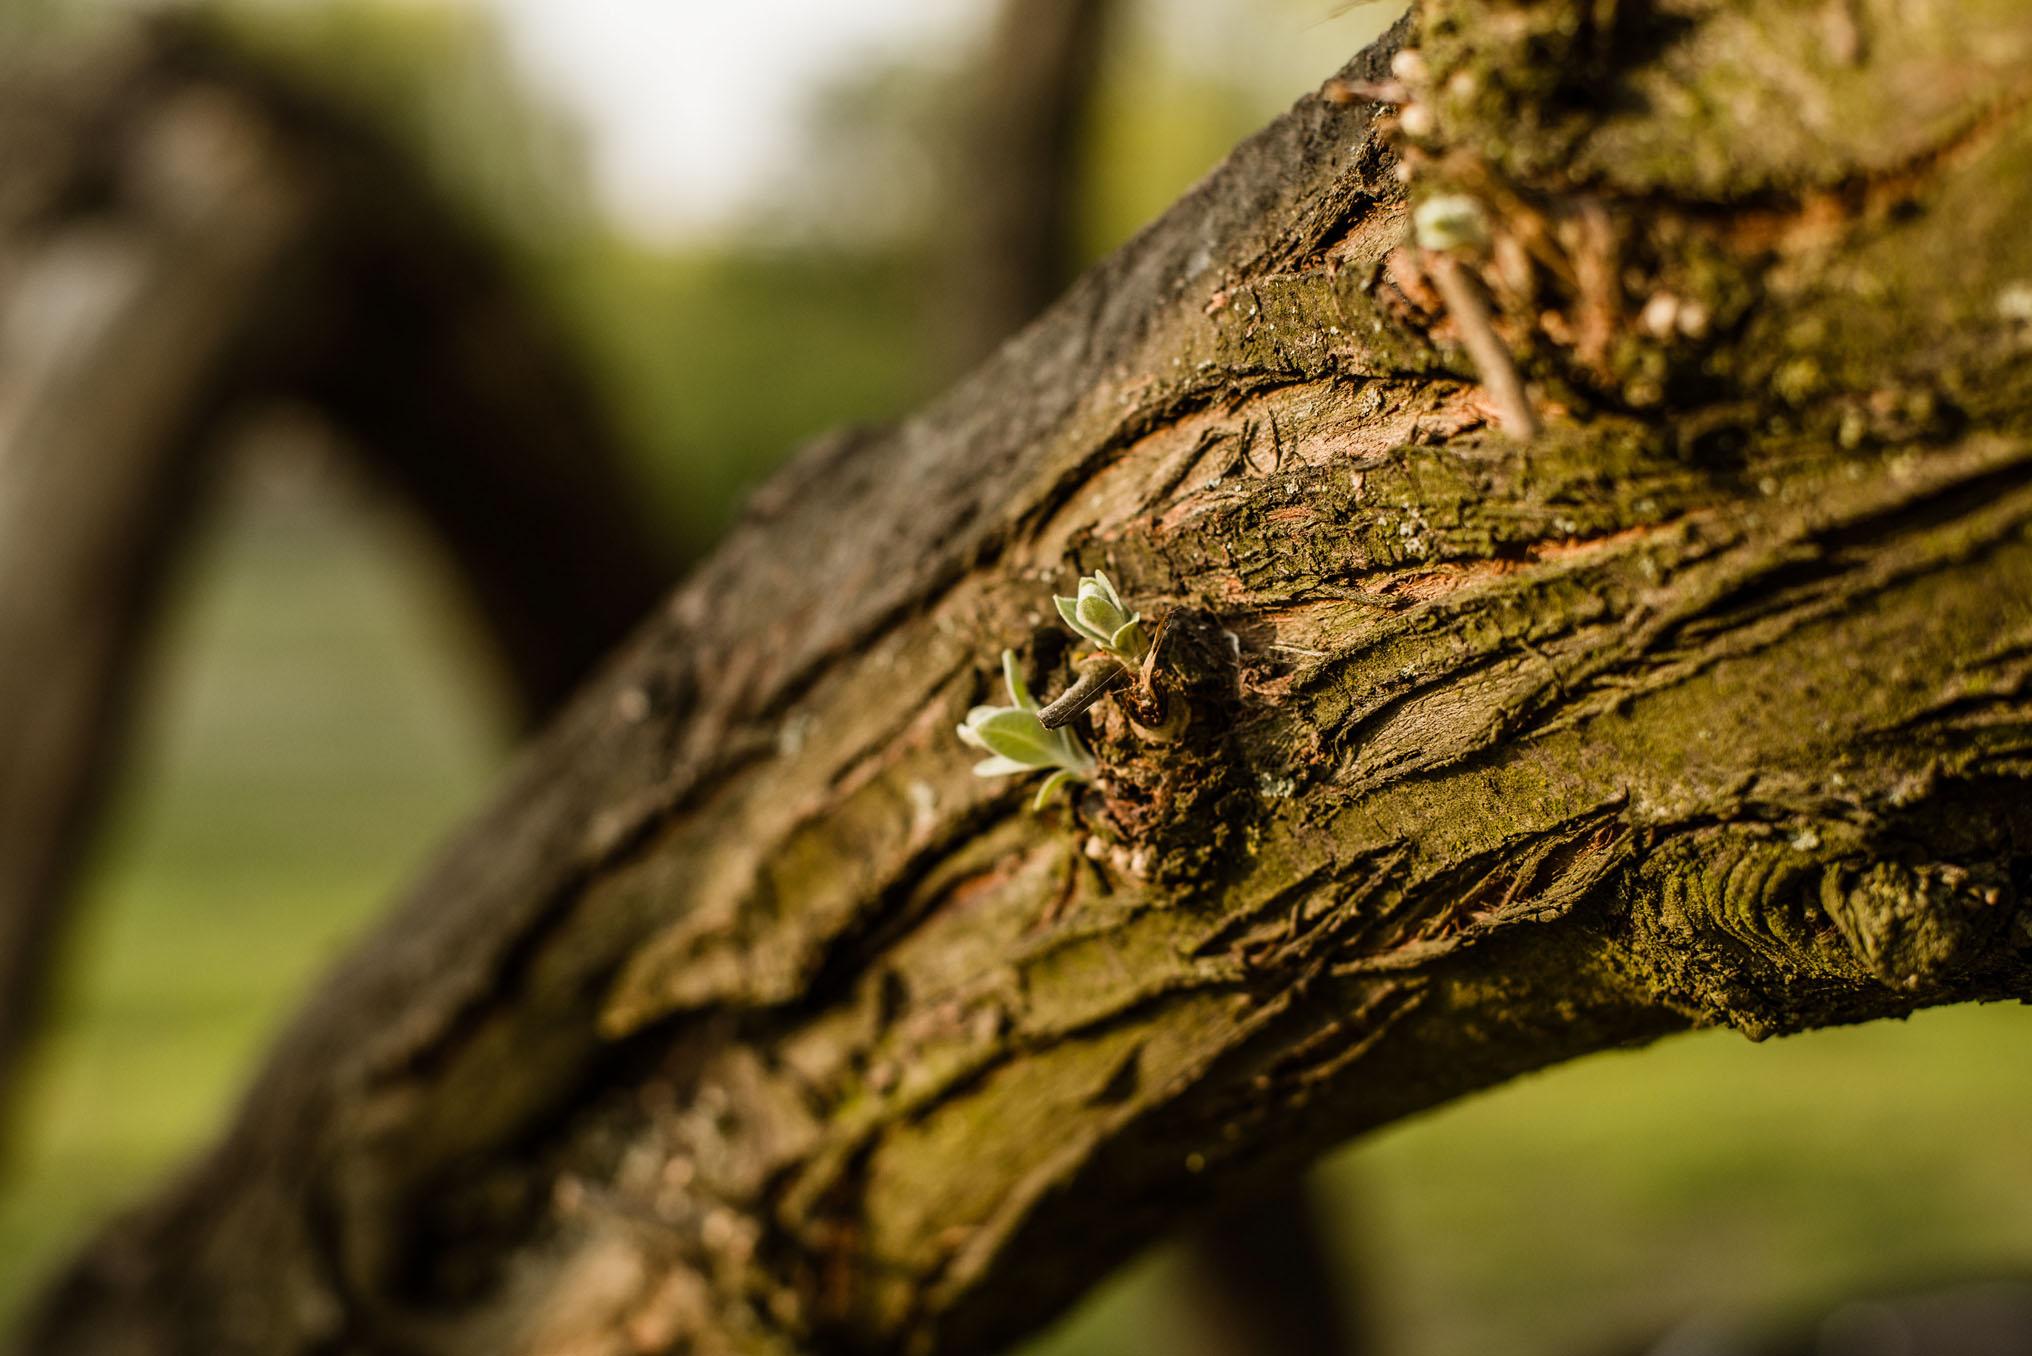 drzewo- krawczyńscy pracownia fotograficzna